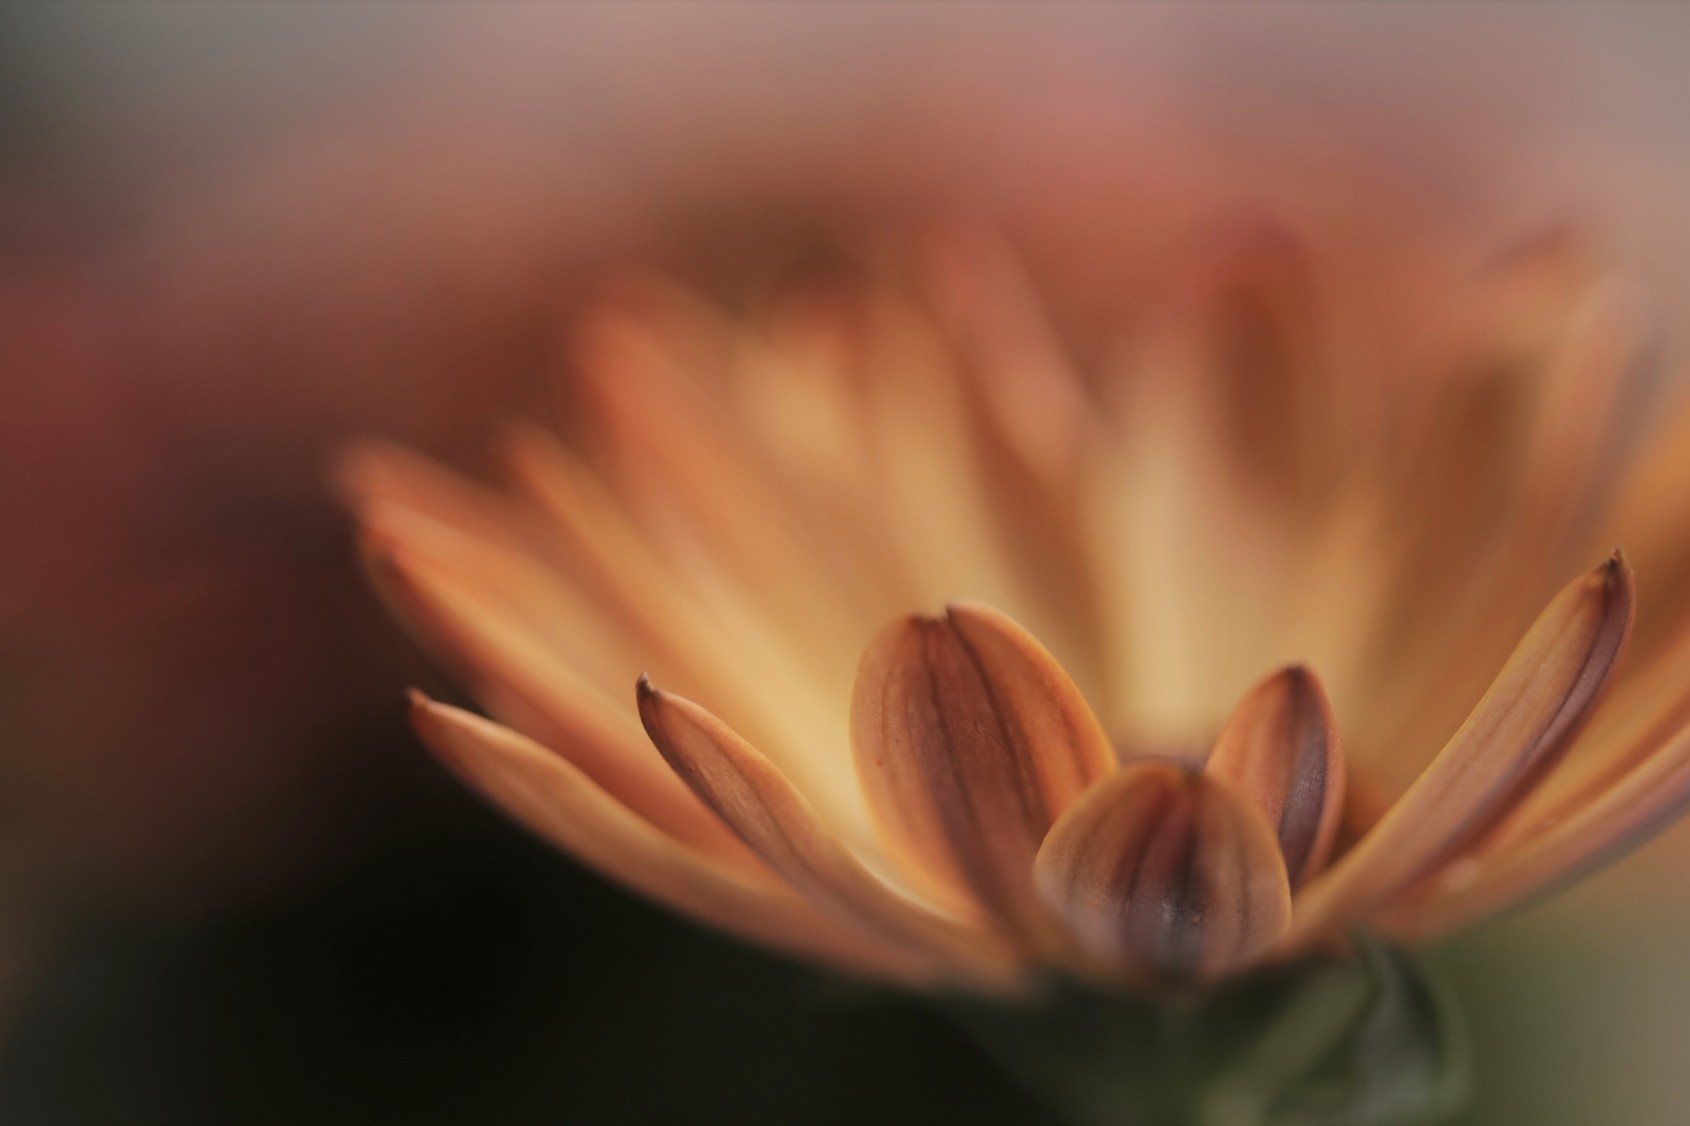 Zelfcompassie (Kristin Neff) - Vermilder de wereld, begin bij jezelf!